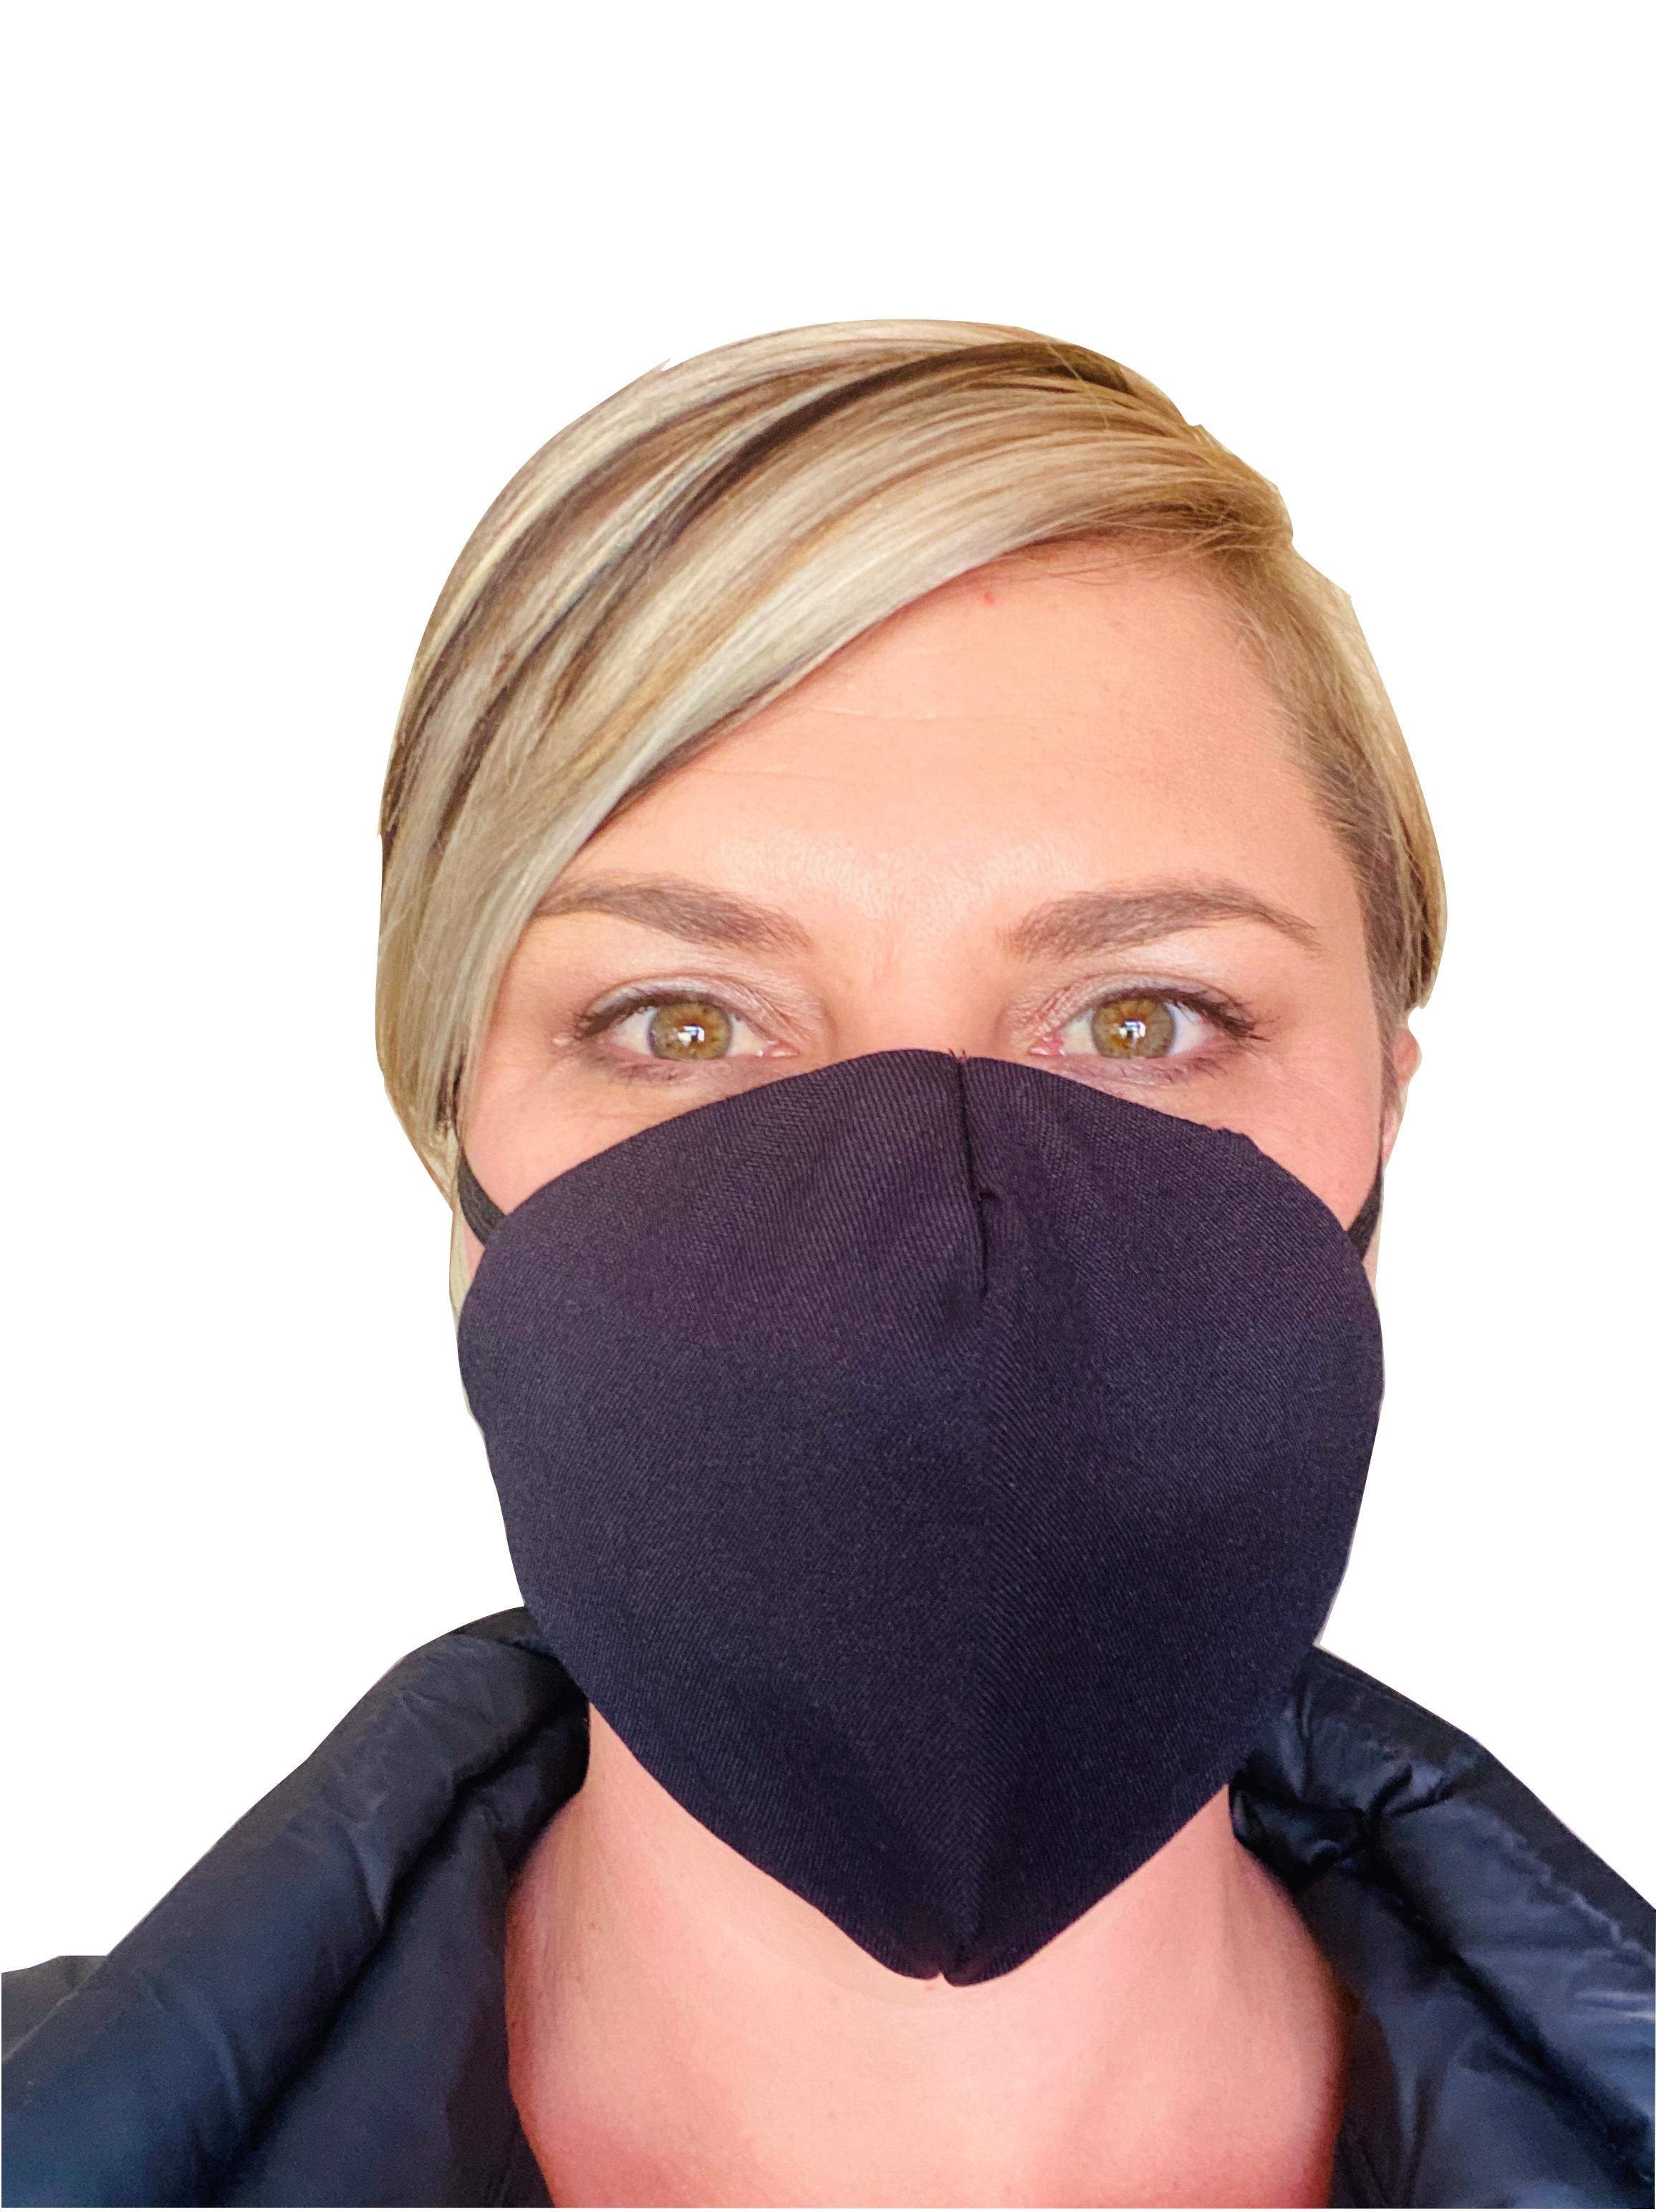 Plain Color Mask Image